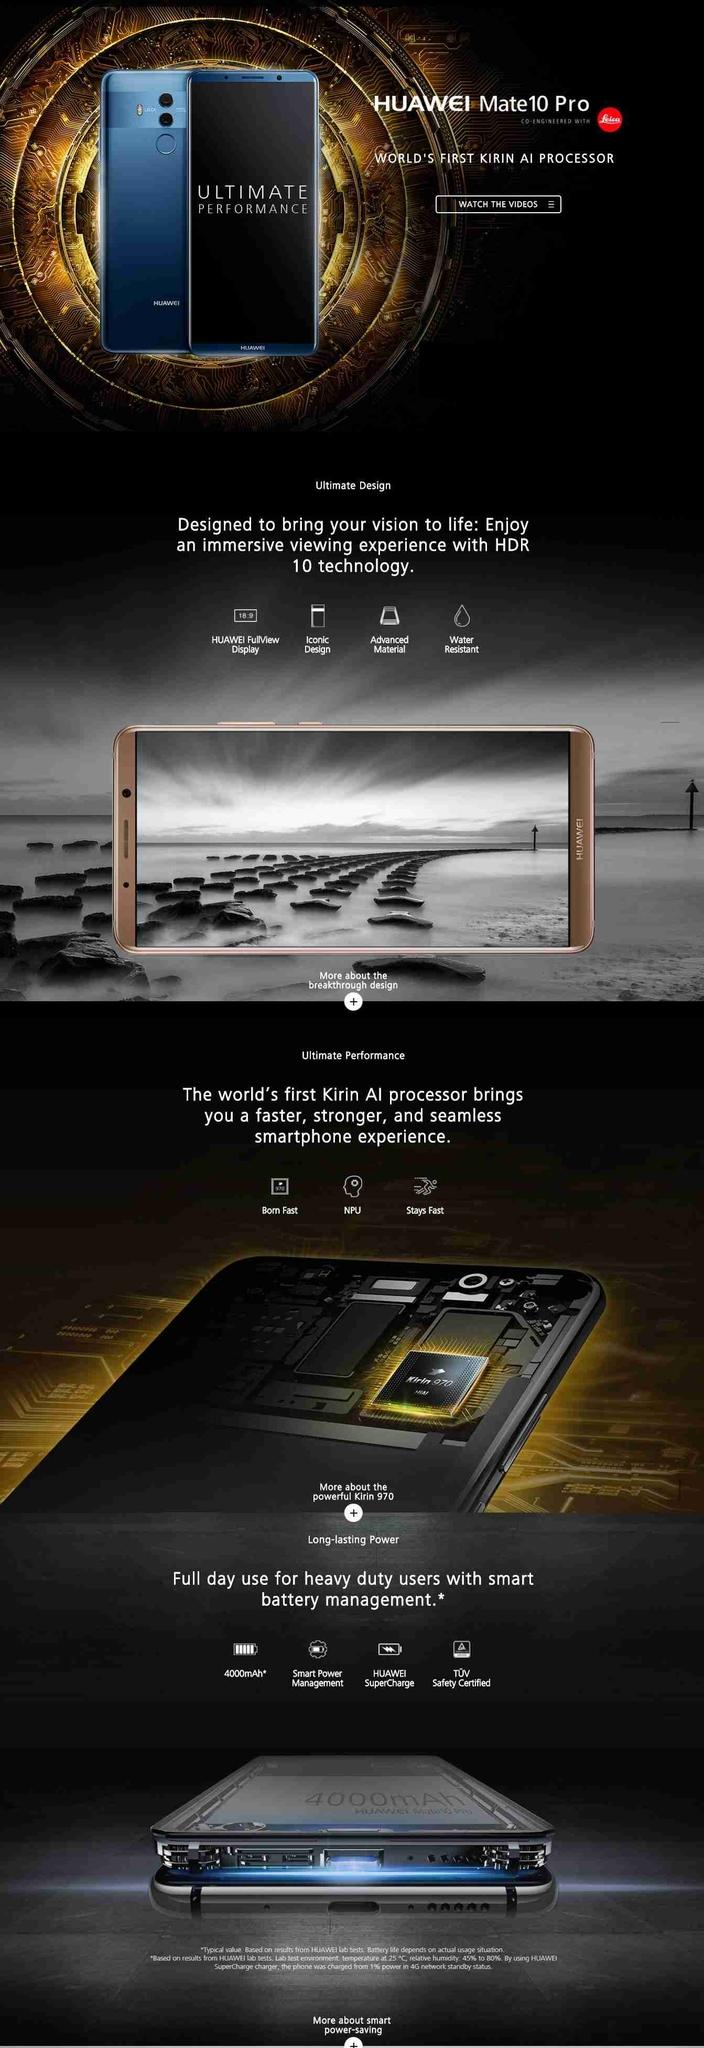 huawei mate 10 pro Huawei Mate 10 Pro (6GB, 128GB) 7c3f09bf45897cfbf5142a4e109e4f10